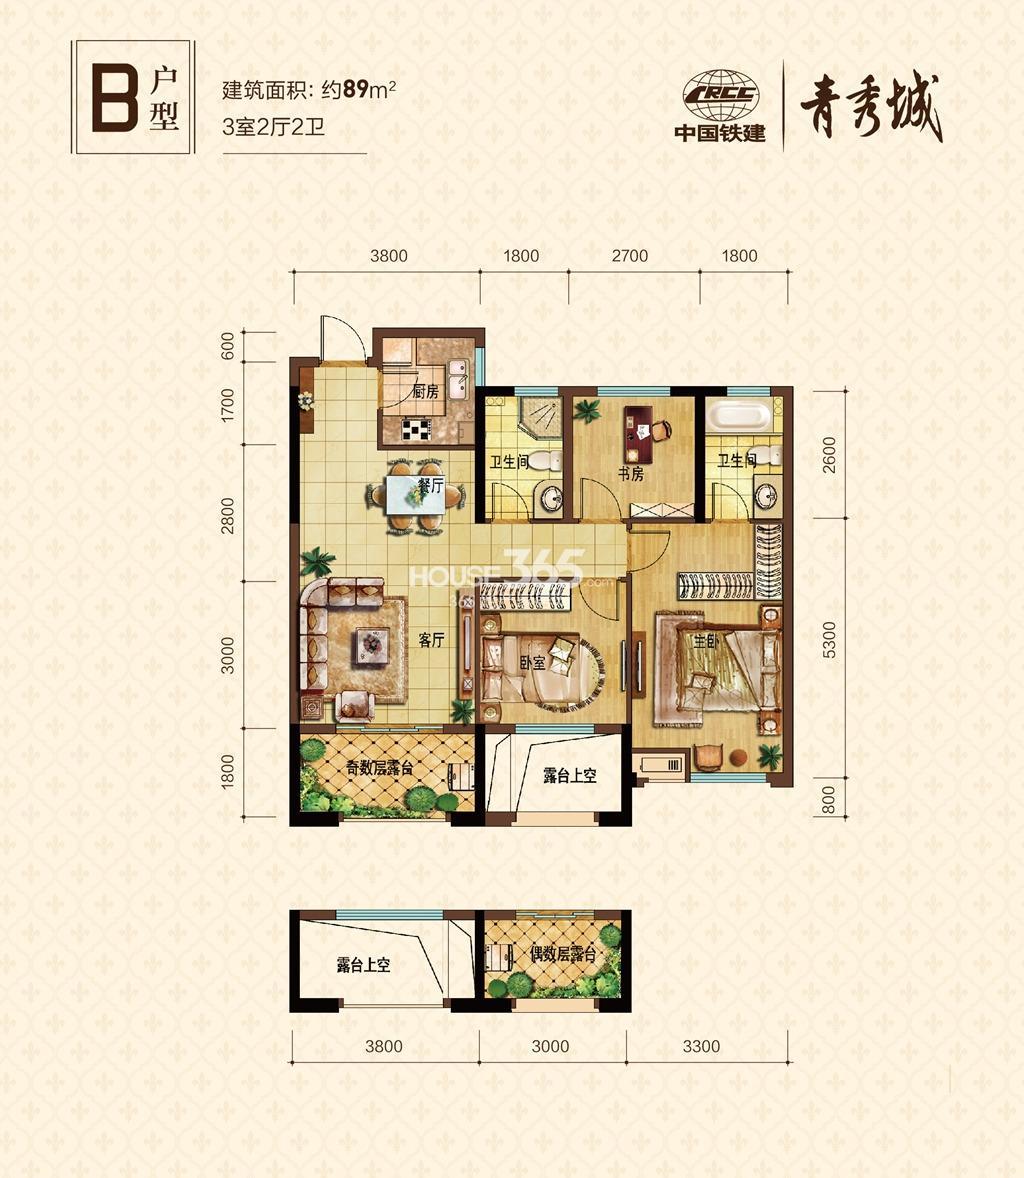 中国铁建青秀城B户型图89方(11、12号楼)